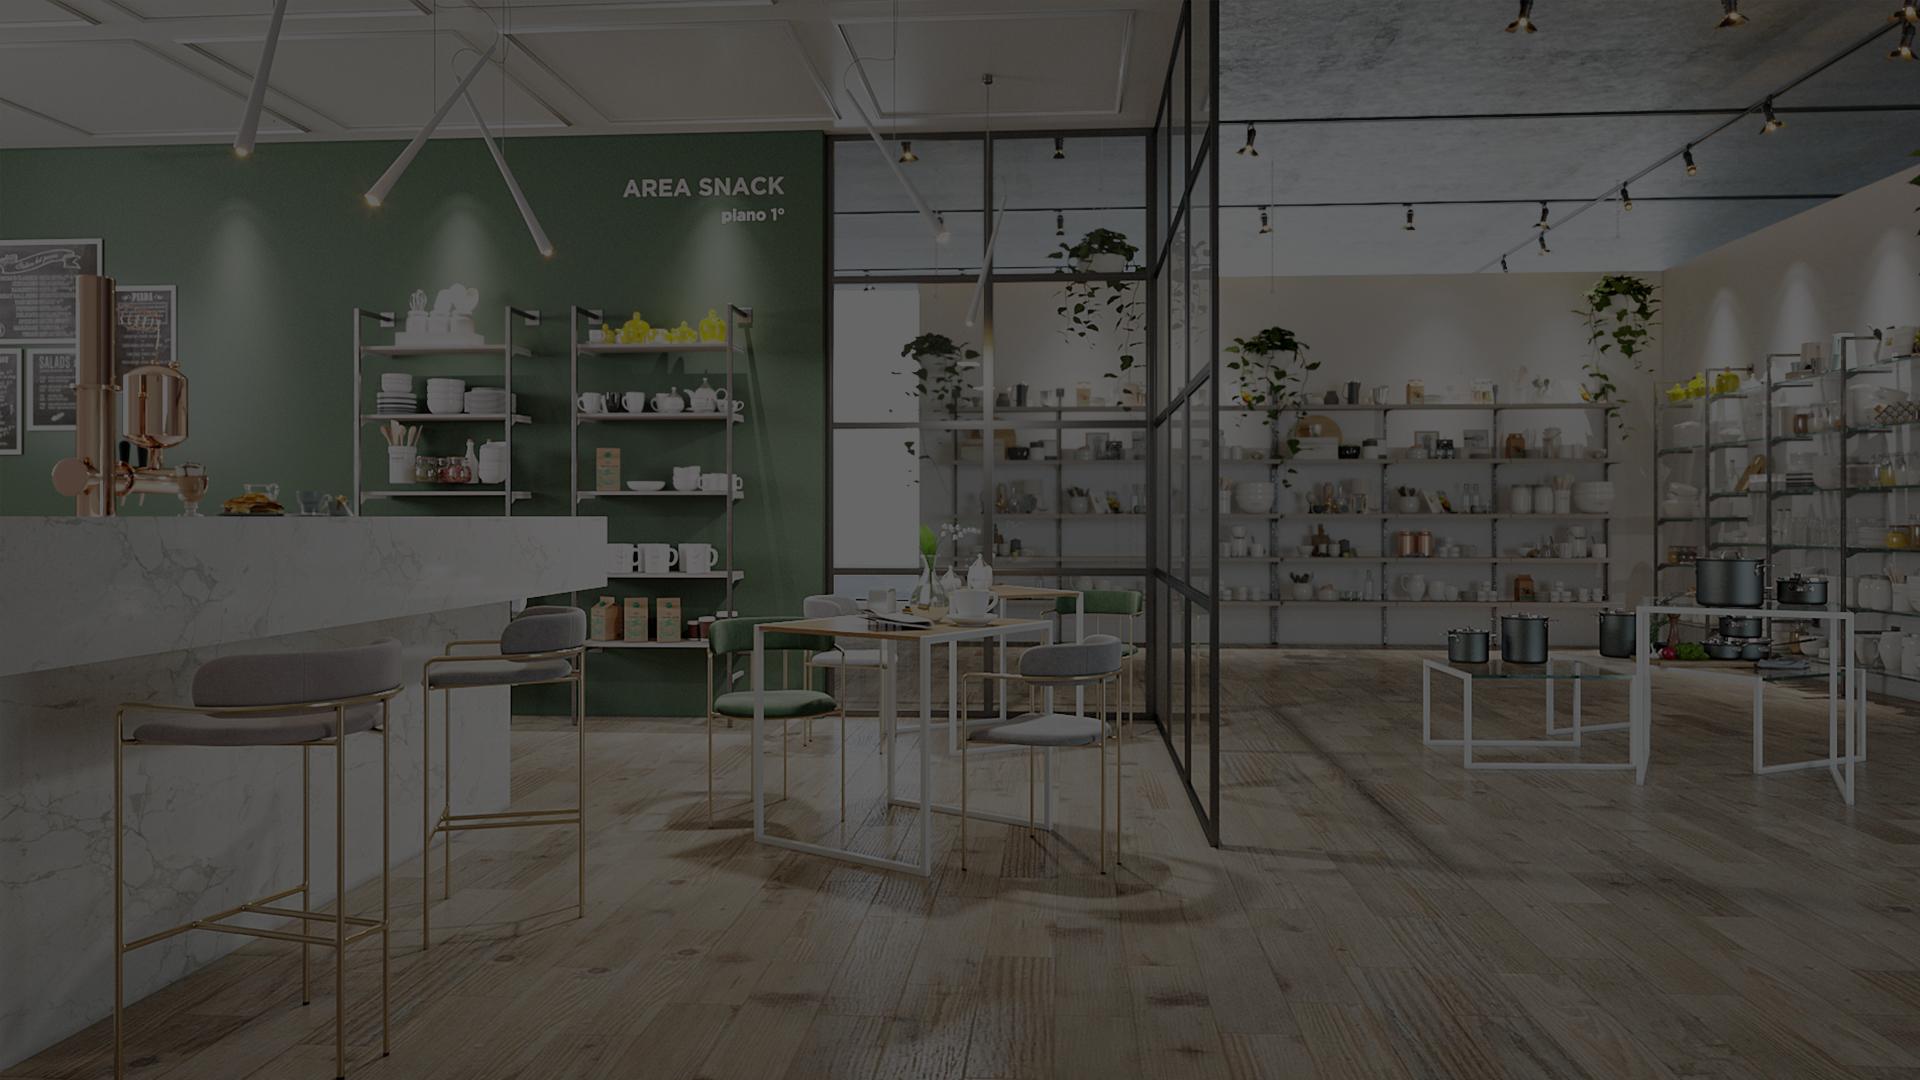 Arredamento Emilia Romagna arken spa - le migliori soluzioni per arredamento negozi